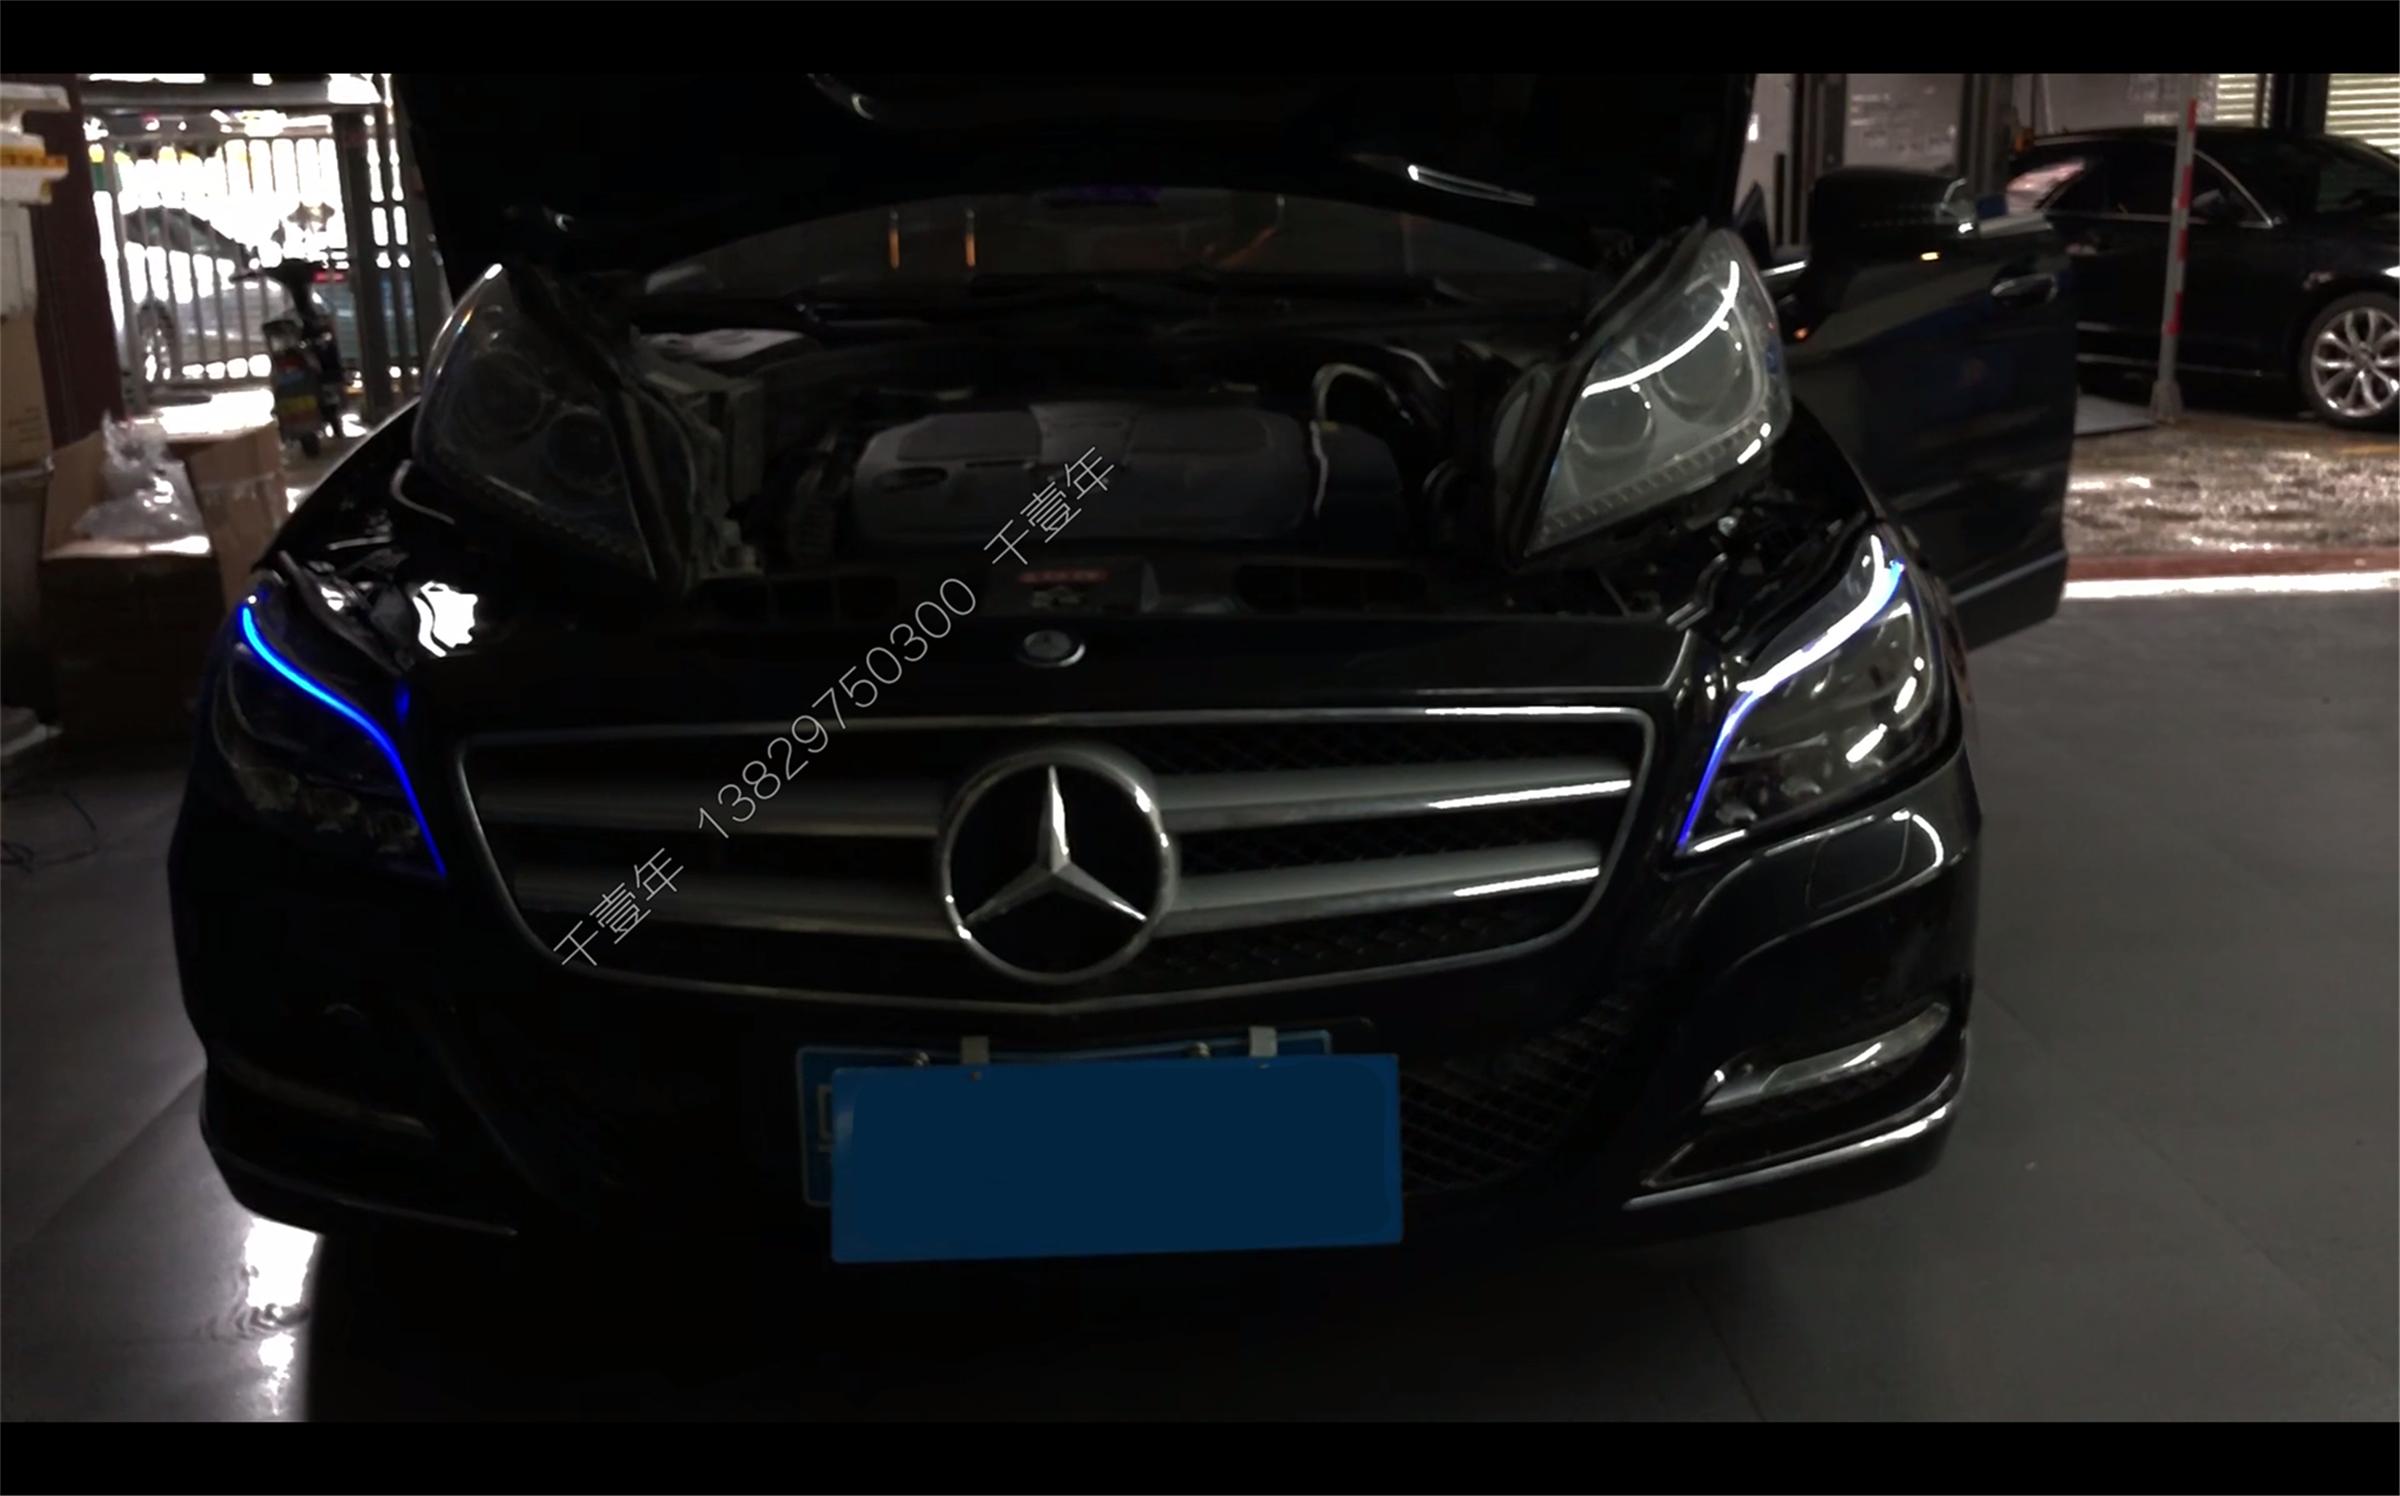 奔驰CLS300老款改装新款CLS400多光束LED大灯